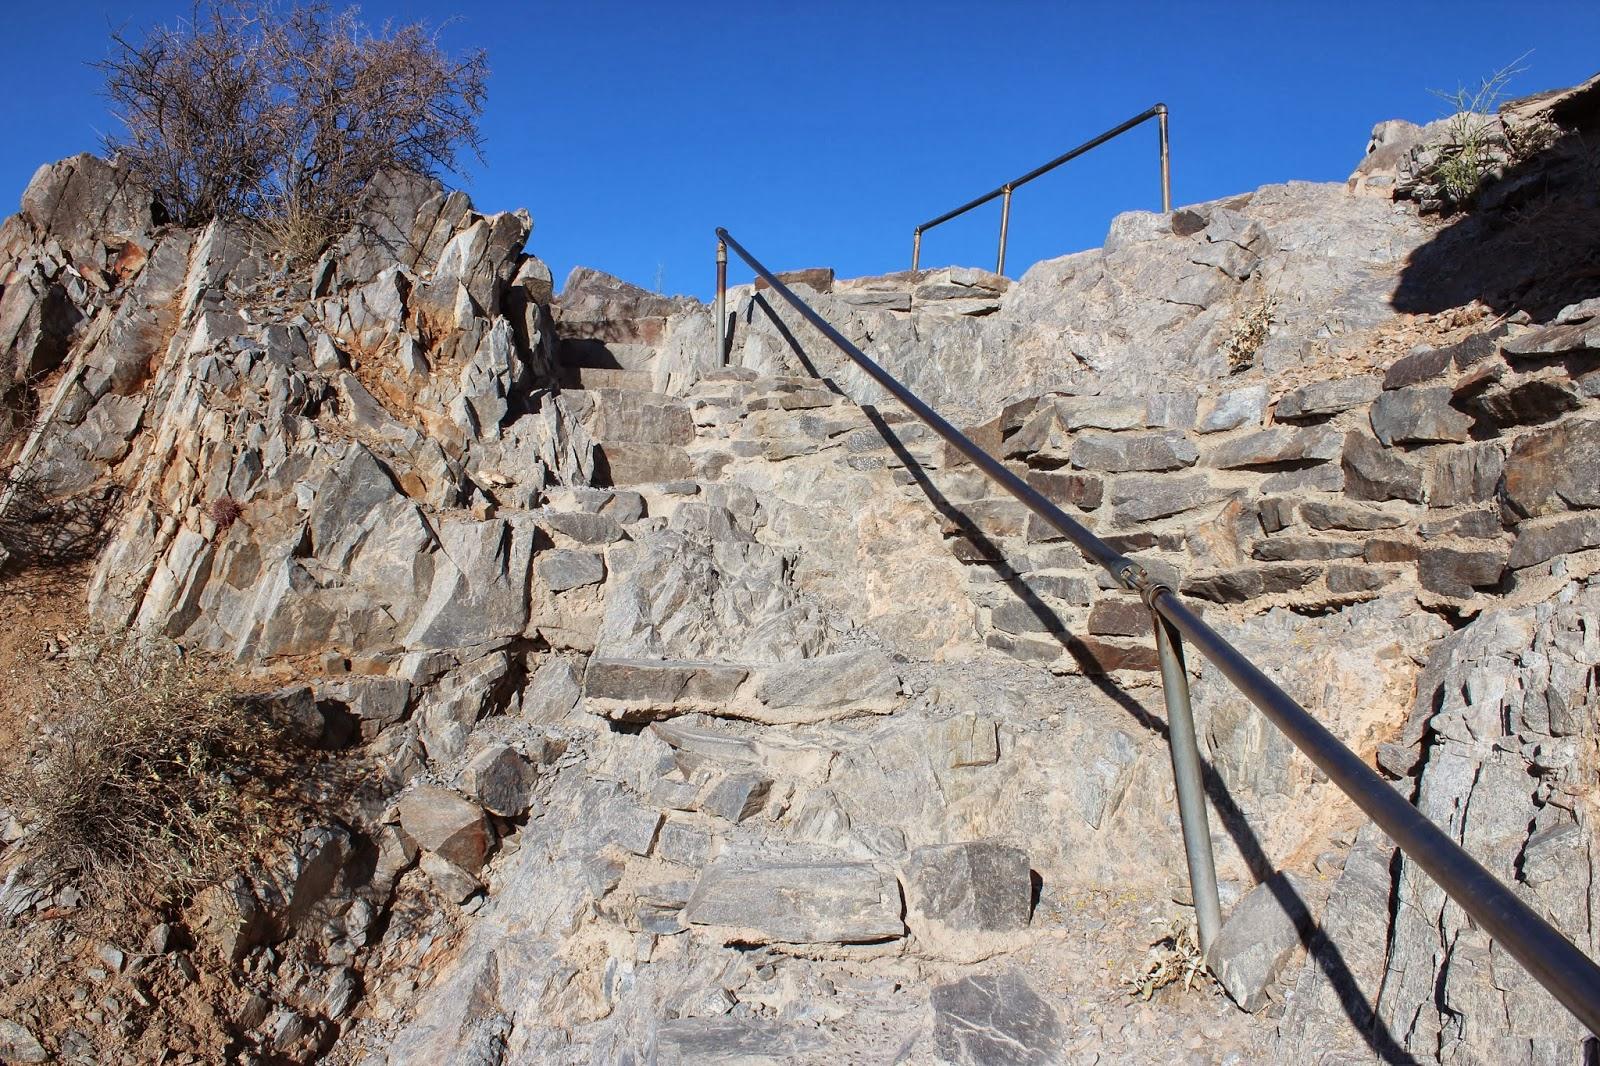 Squaw Peak